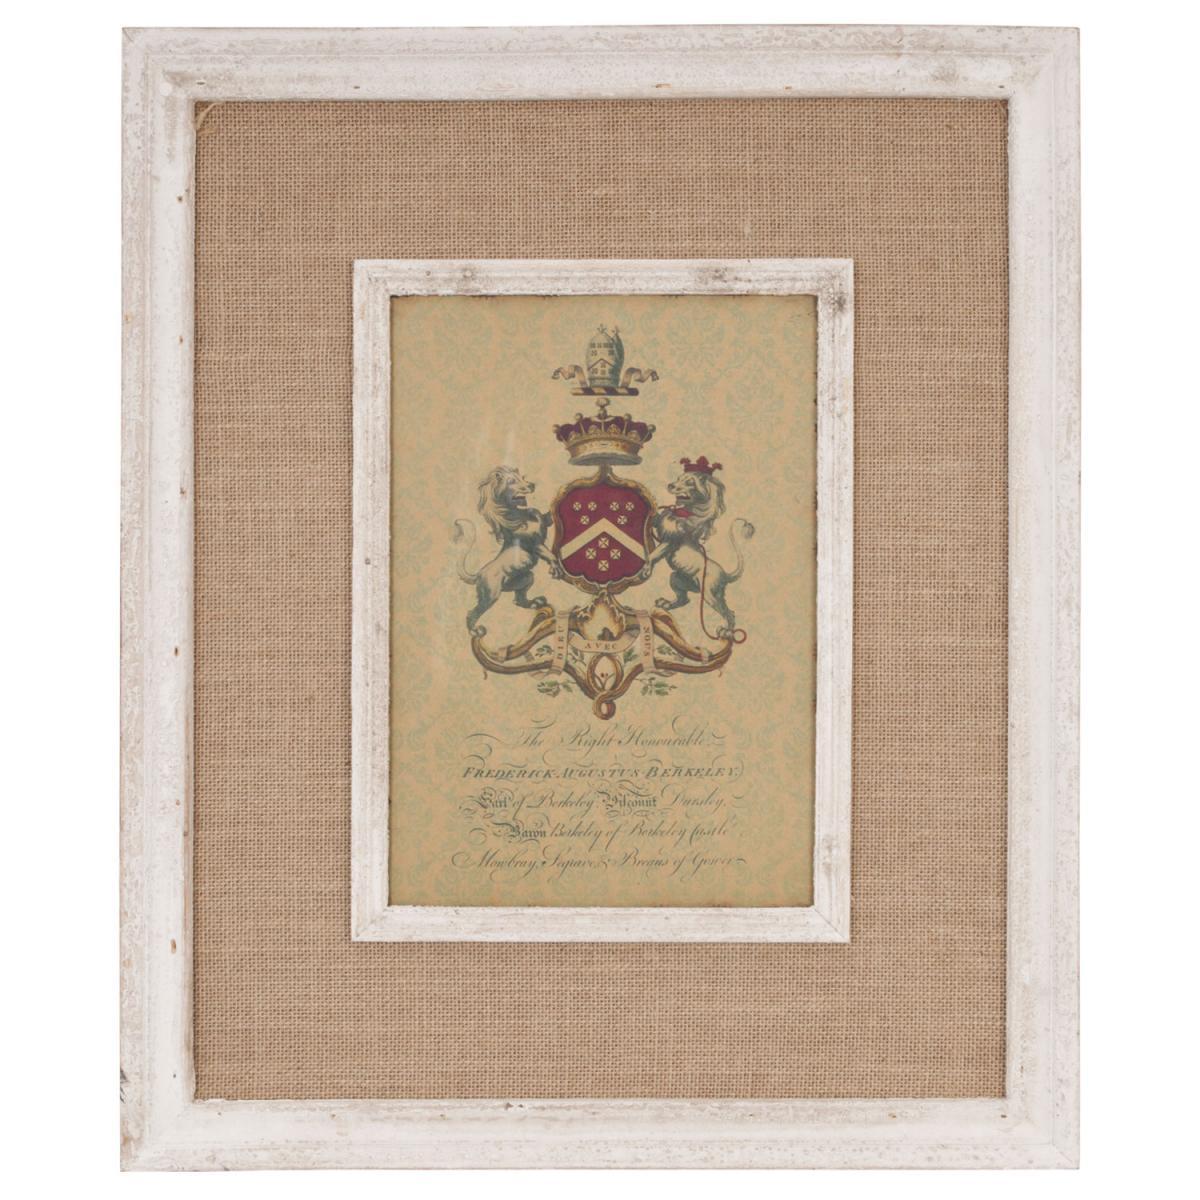 Clayre & Eef 50095 gerahmtes Bild auf Stoff Wappen ca. 60 x 50 cm